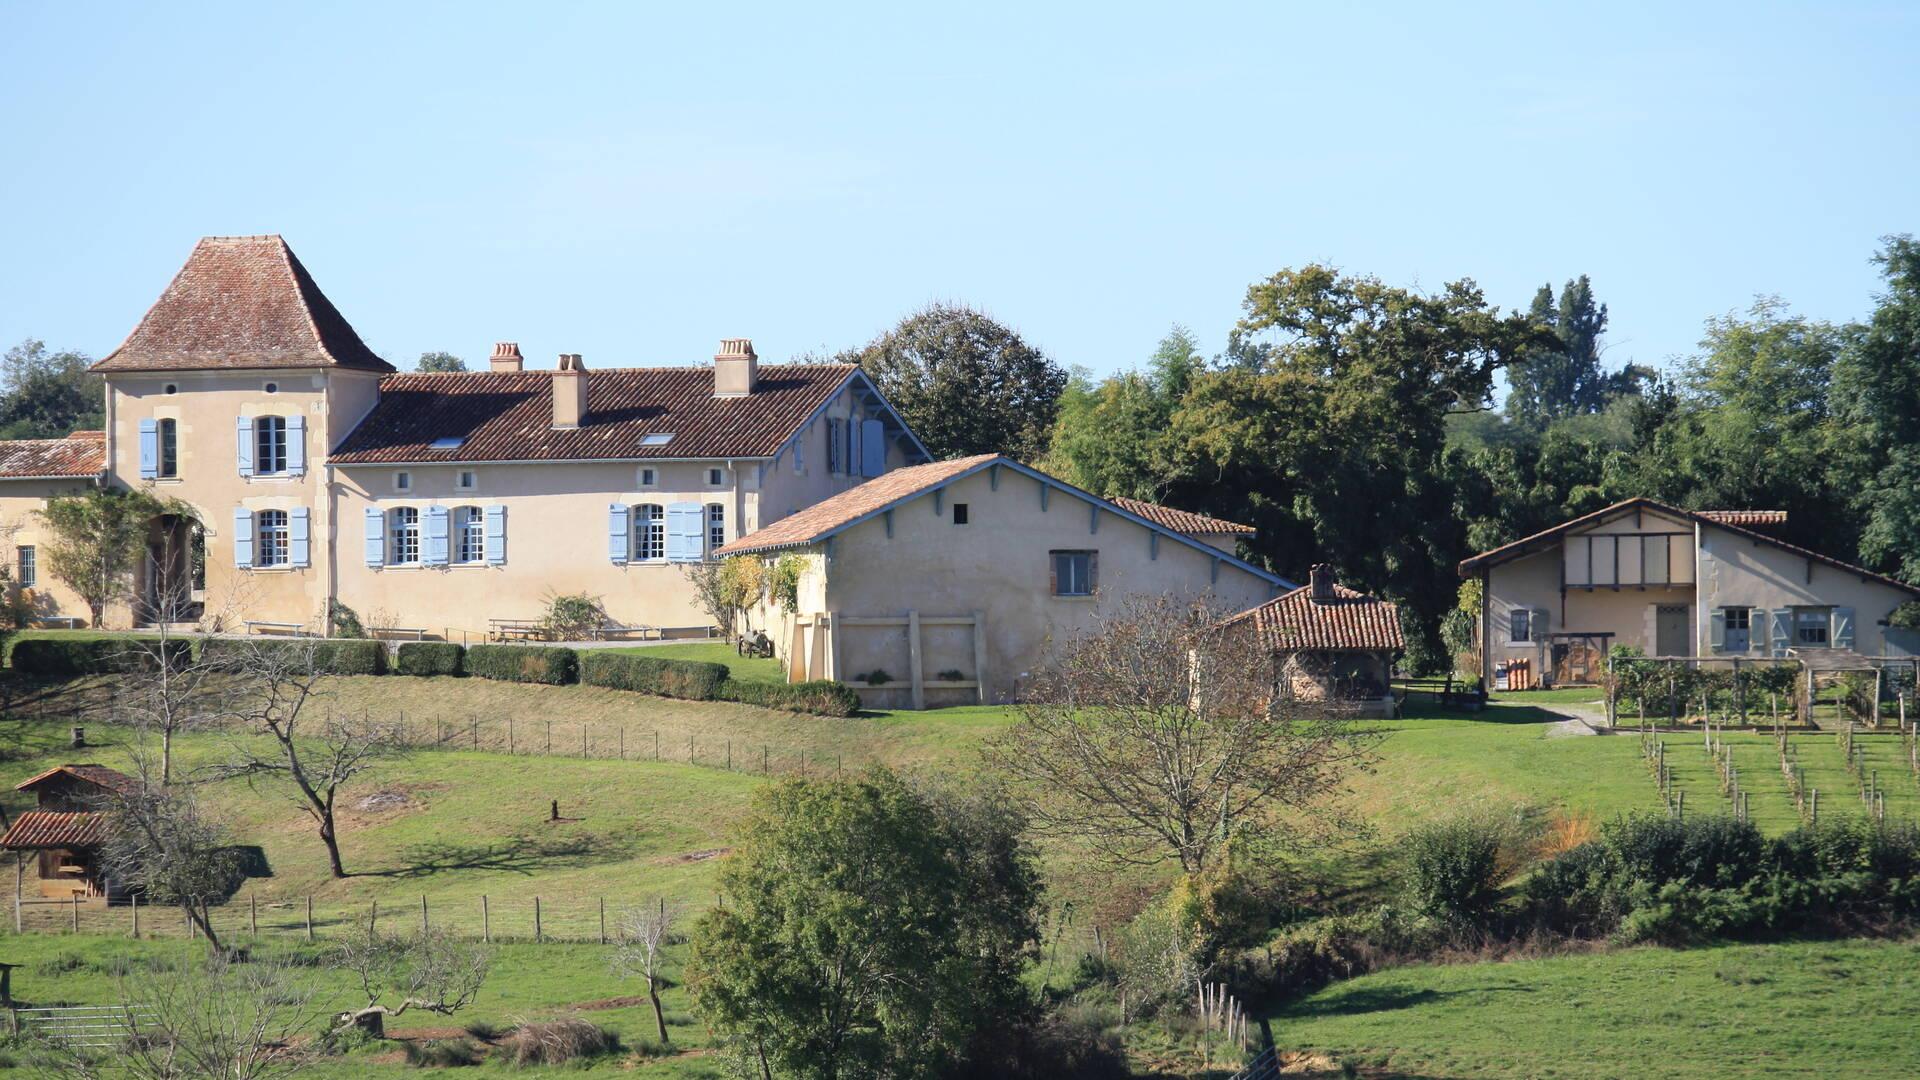 Musée de la Chalosse à Monfort en Chalosse - © Musée de la Chalosse